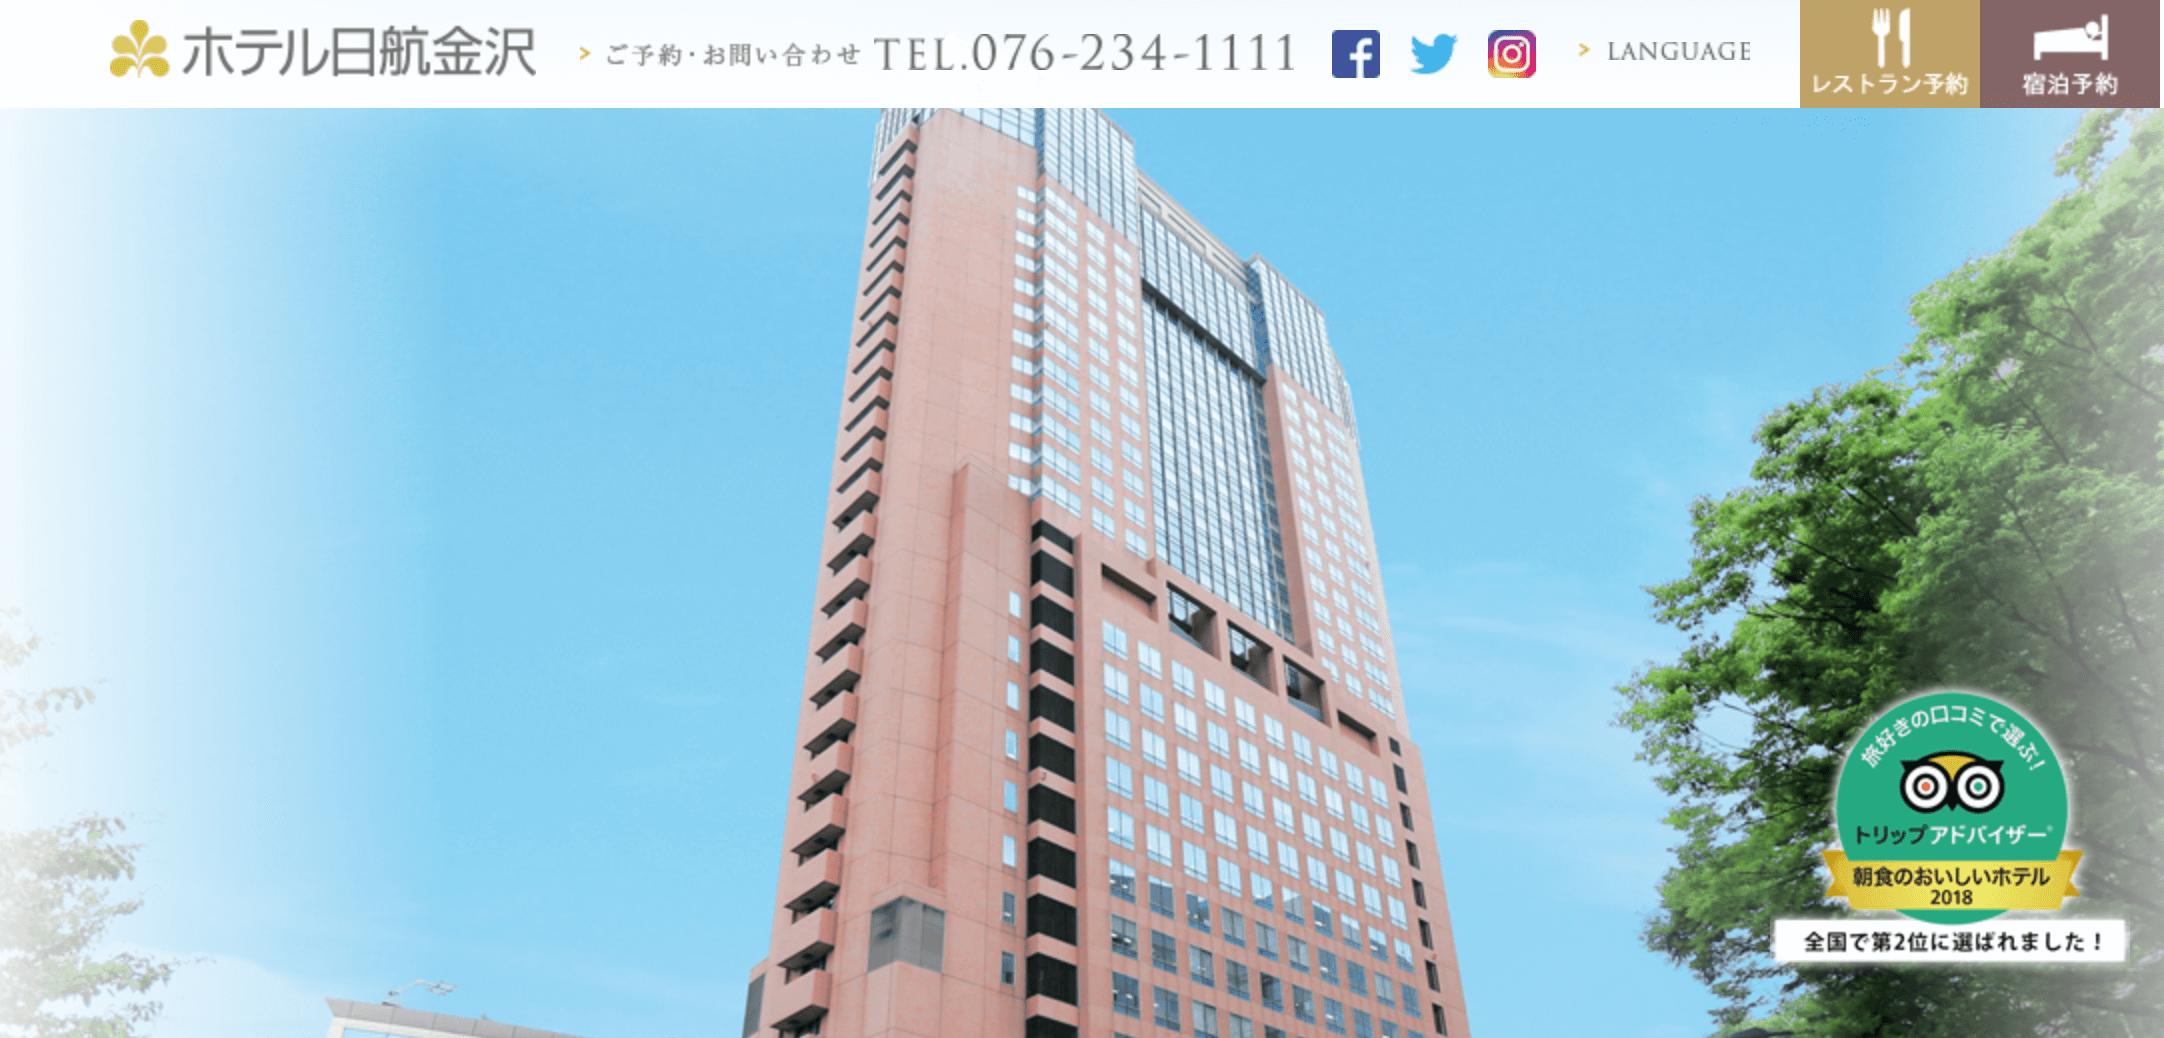 石川でパパ活におすすめなホテル「ホテル日航金沢」